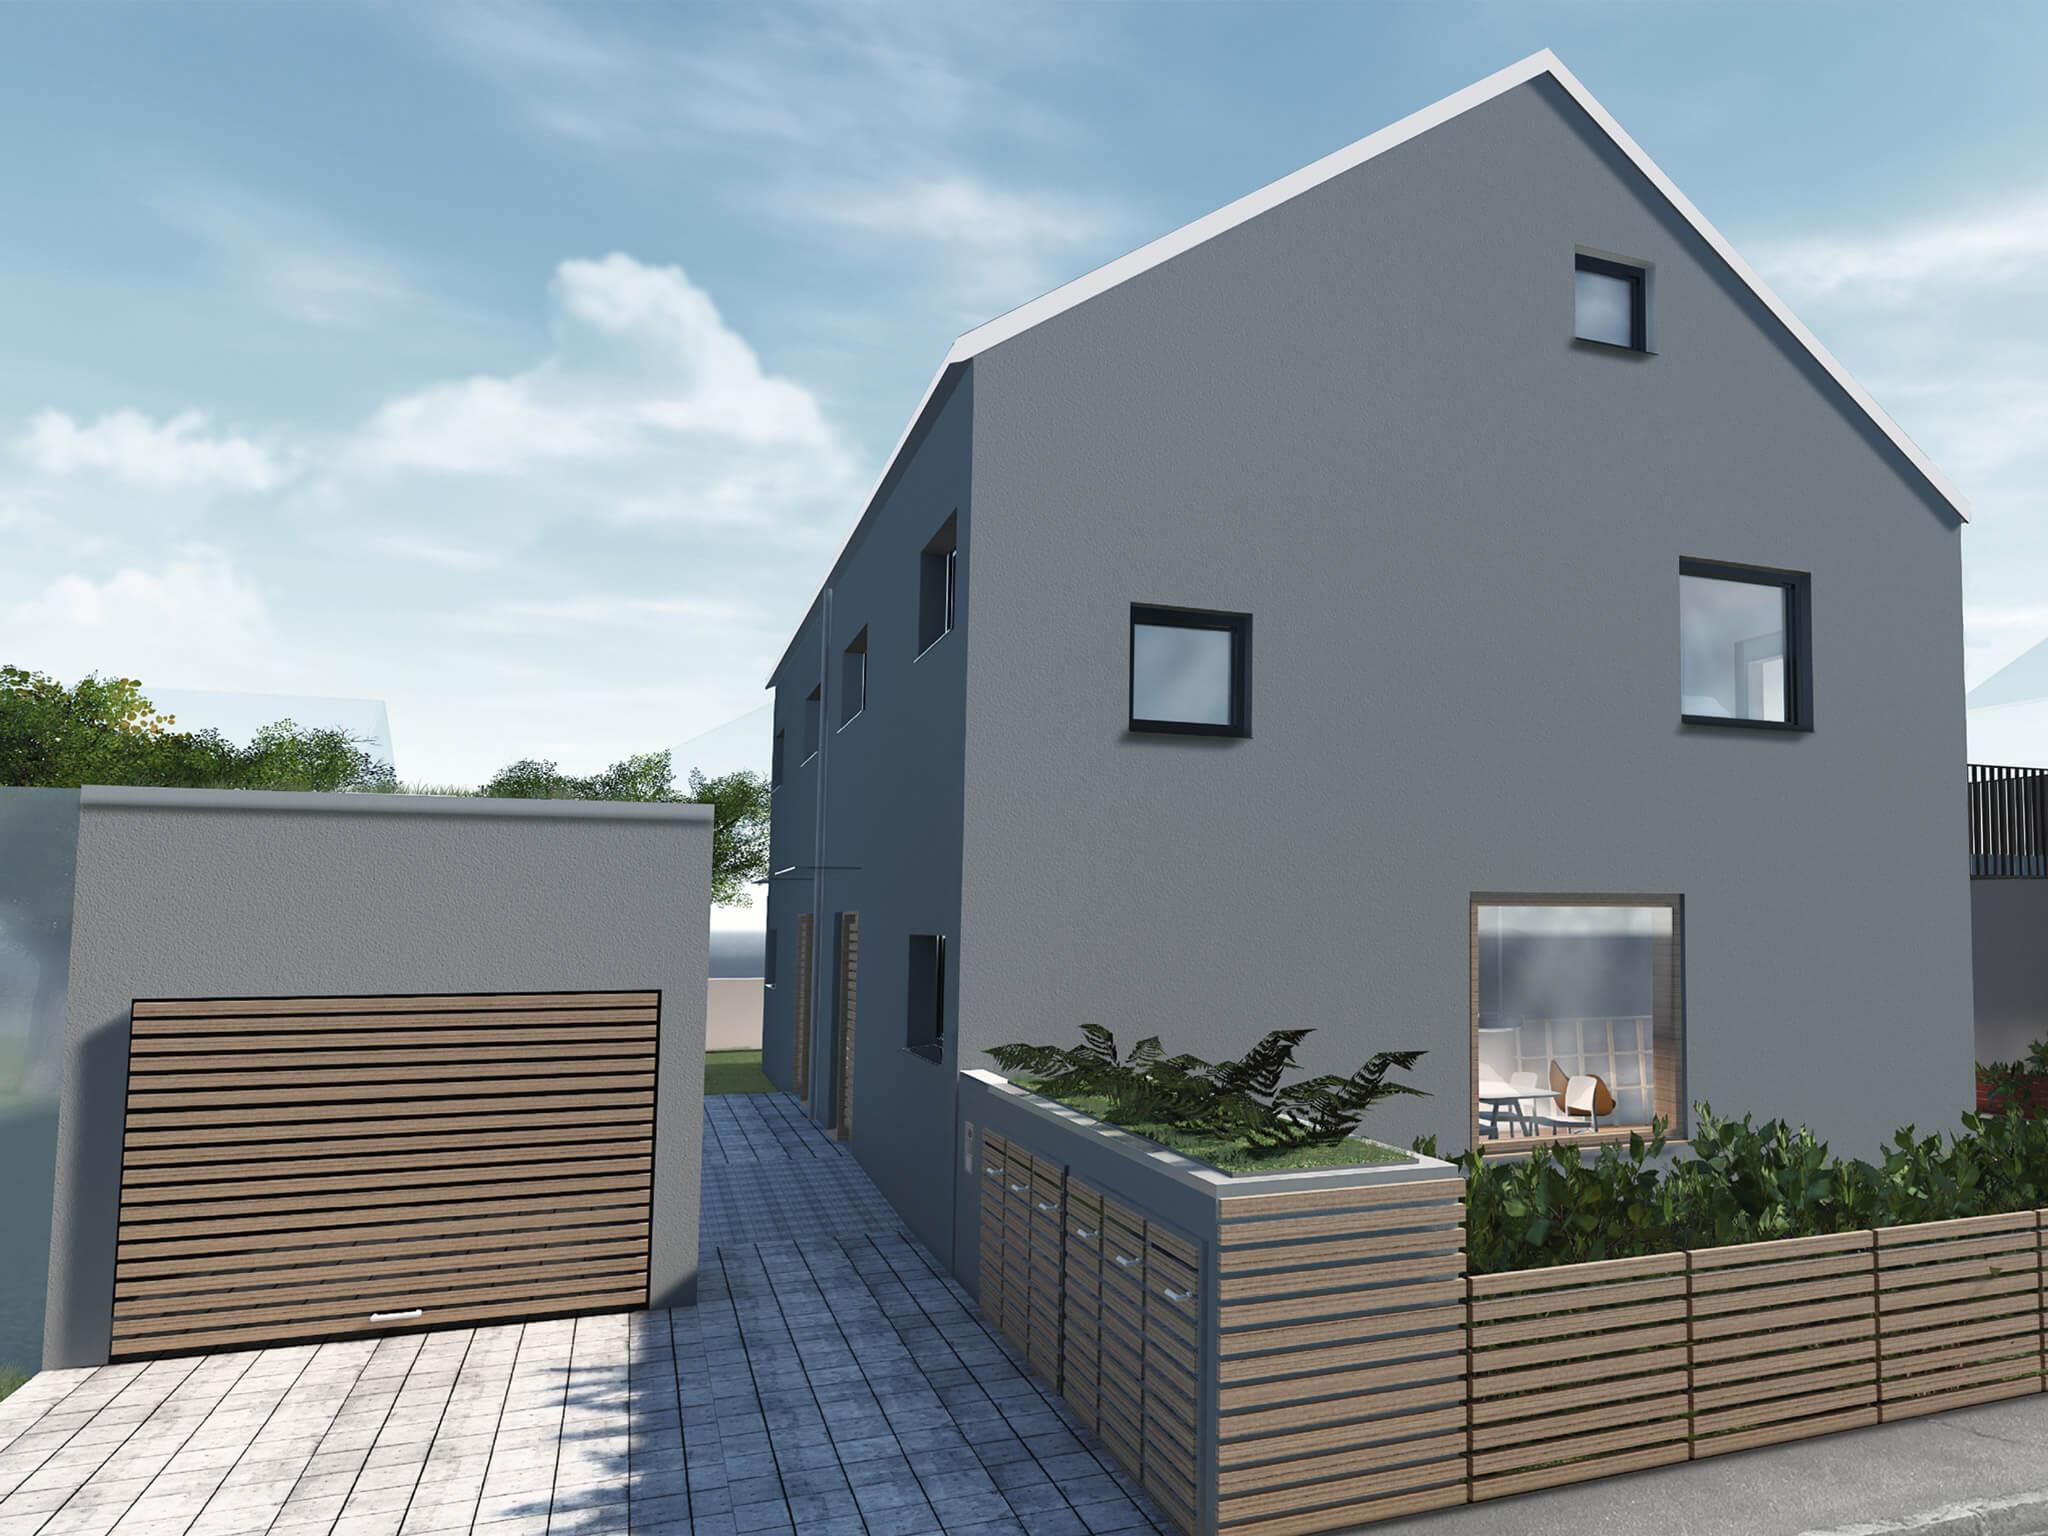 popularc Referenz Doppelhaus: Frontansicht